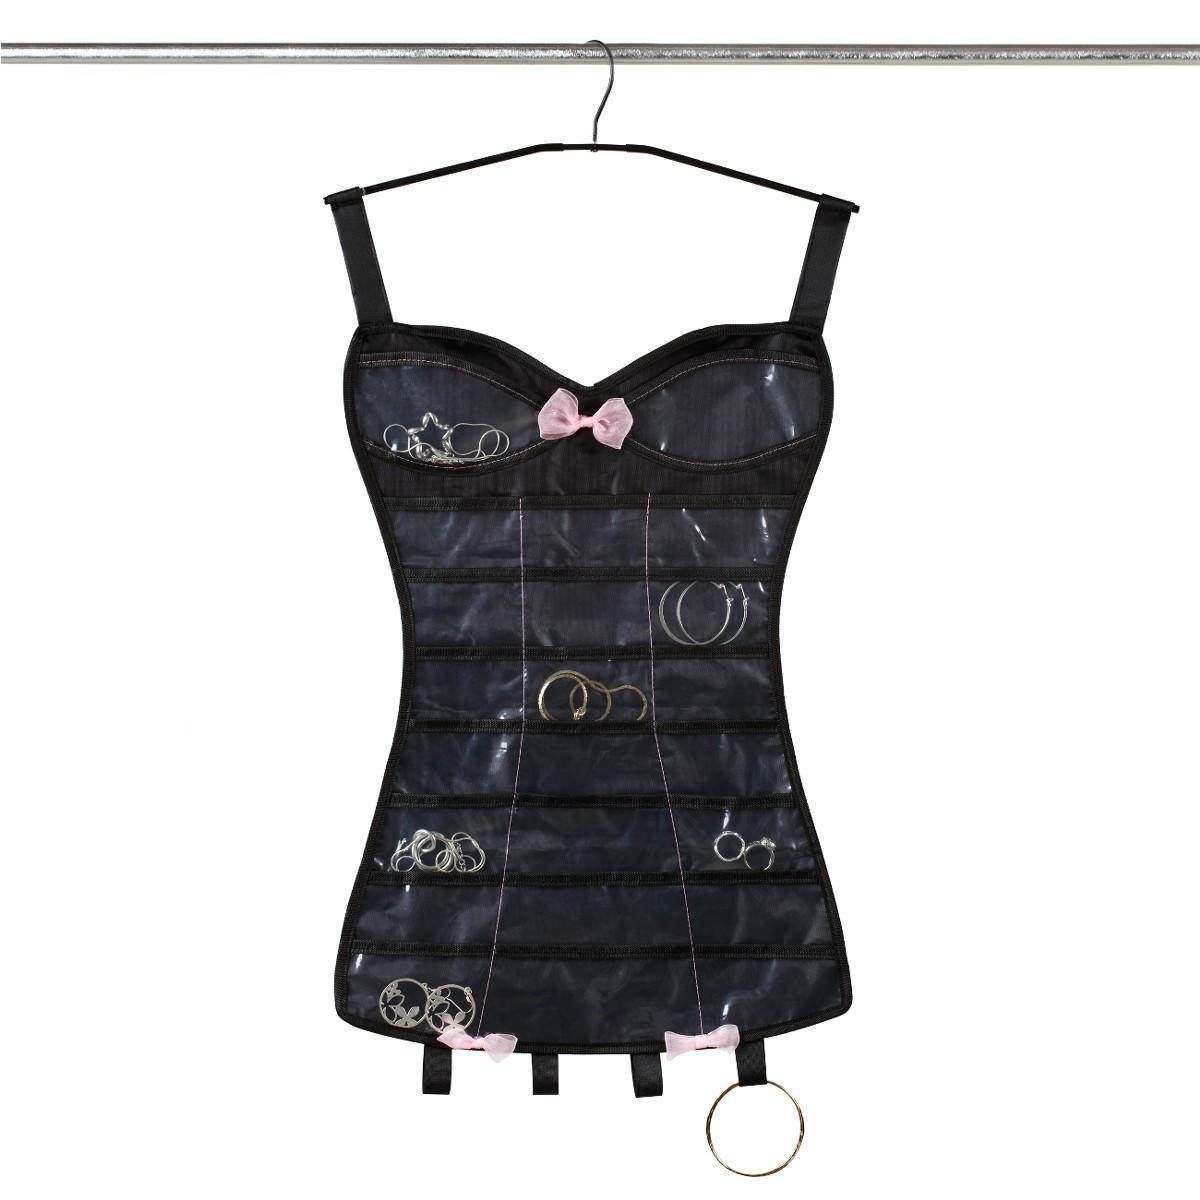 Little Black Corset - sieraden organiser